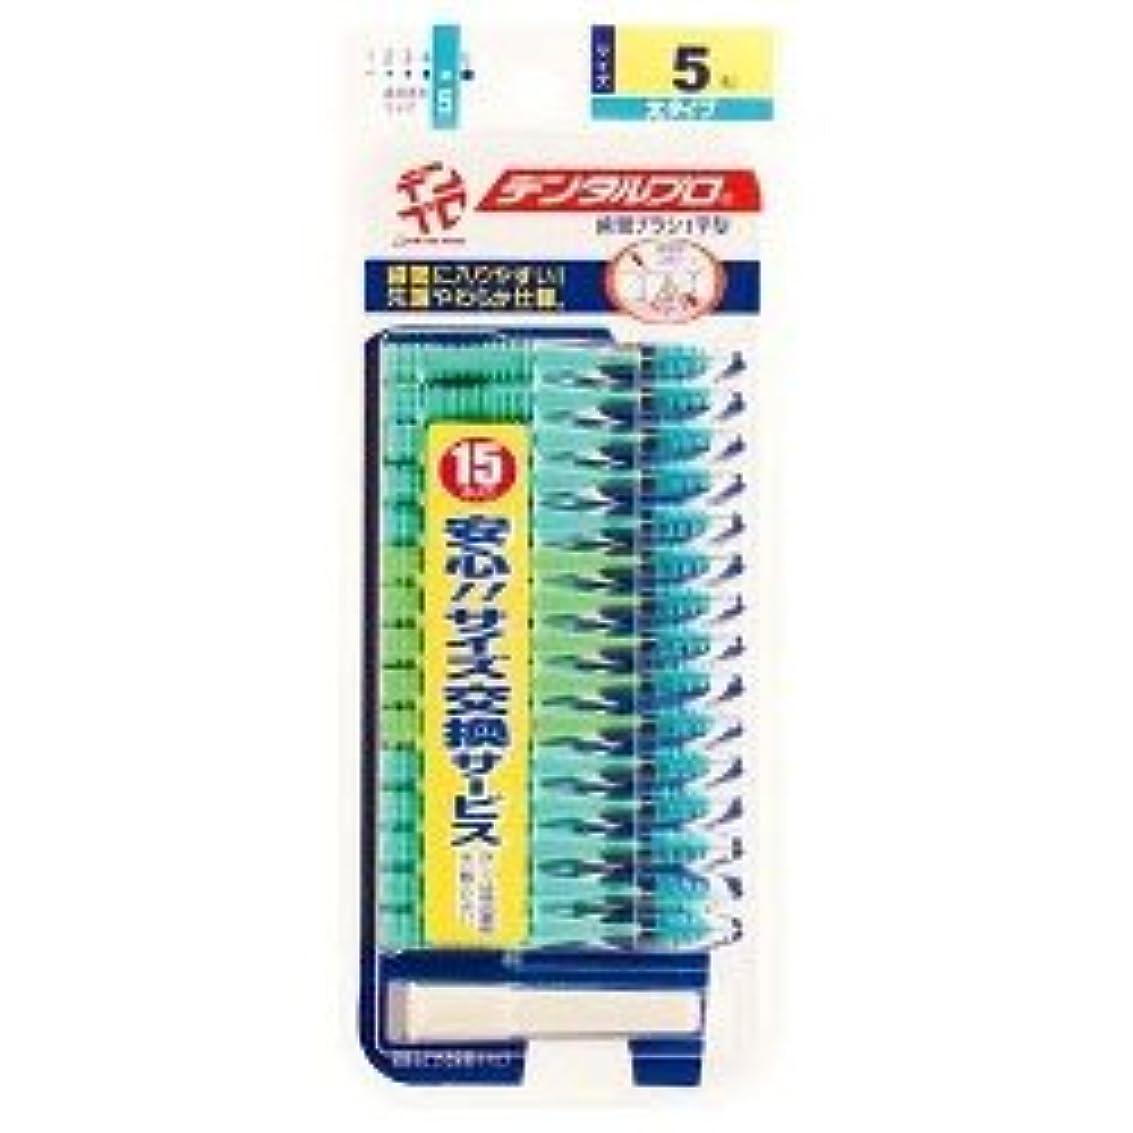 発掘どういたしまして欠席【デンタルプロ】デンタルプロ 歯間ブラシ サイズ5-L 15本入 ×10個セット